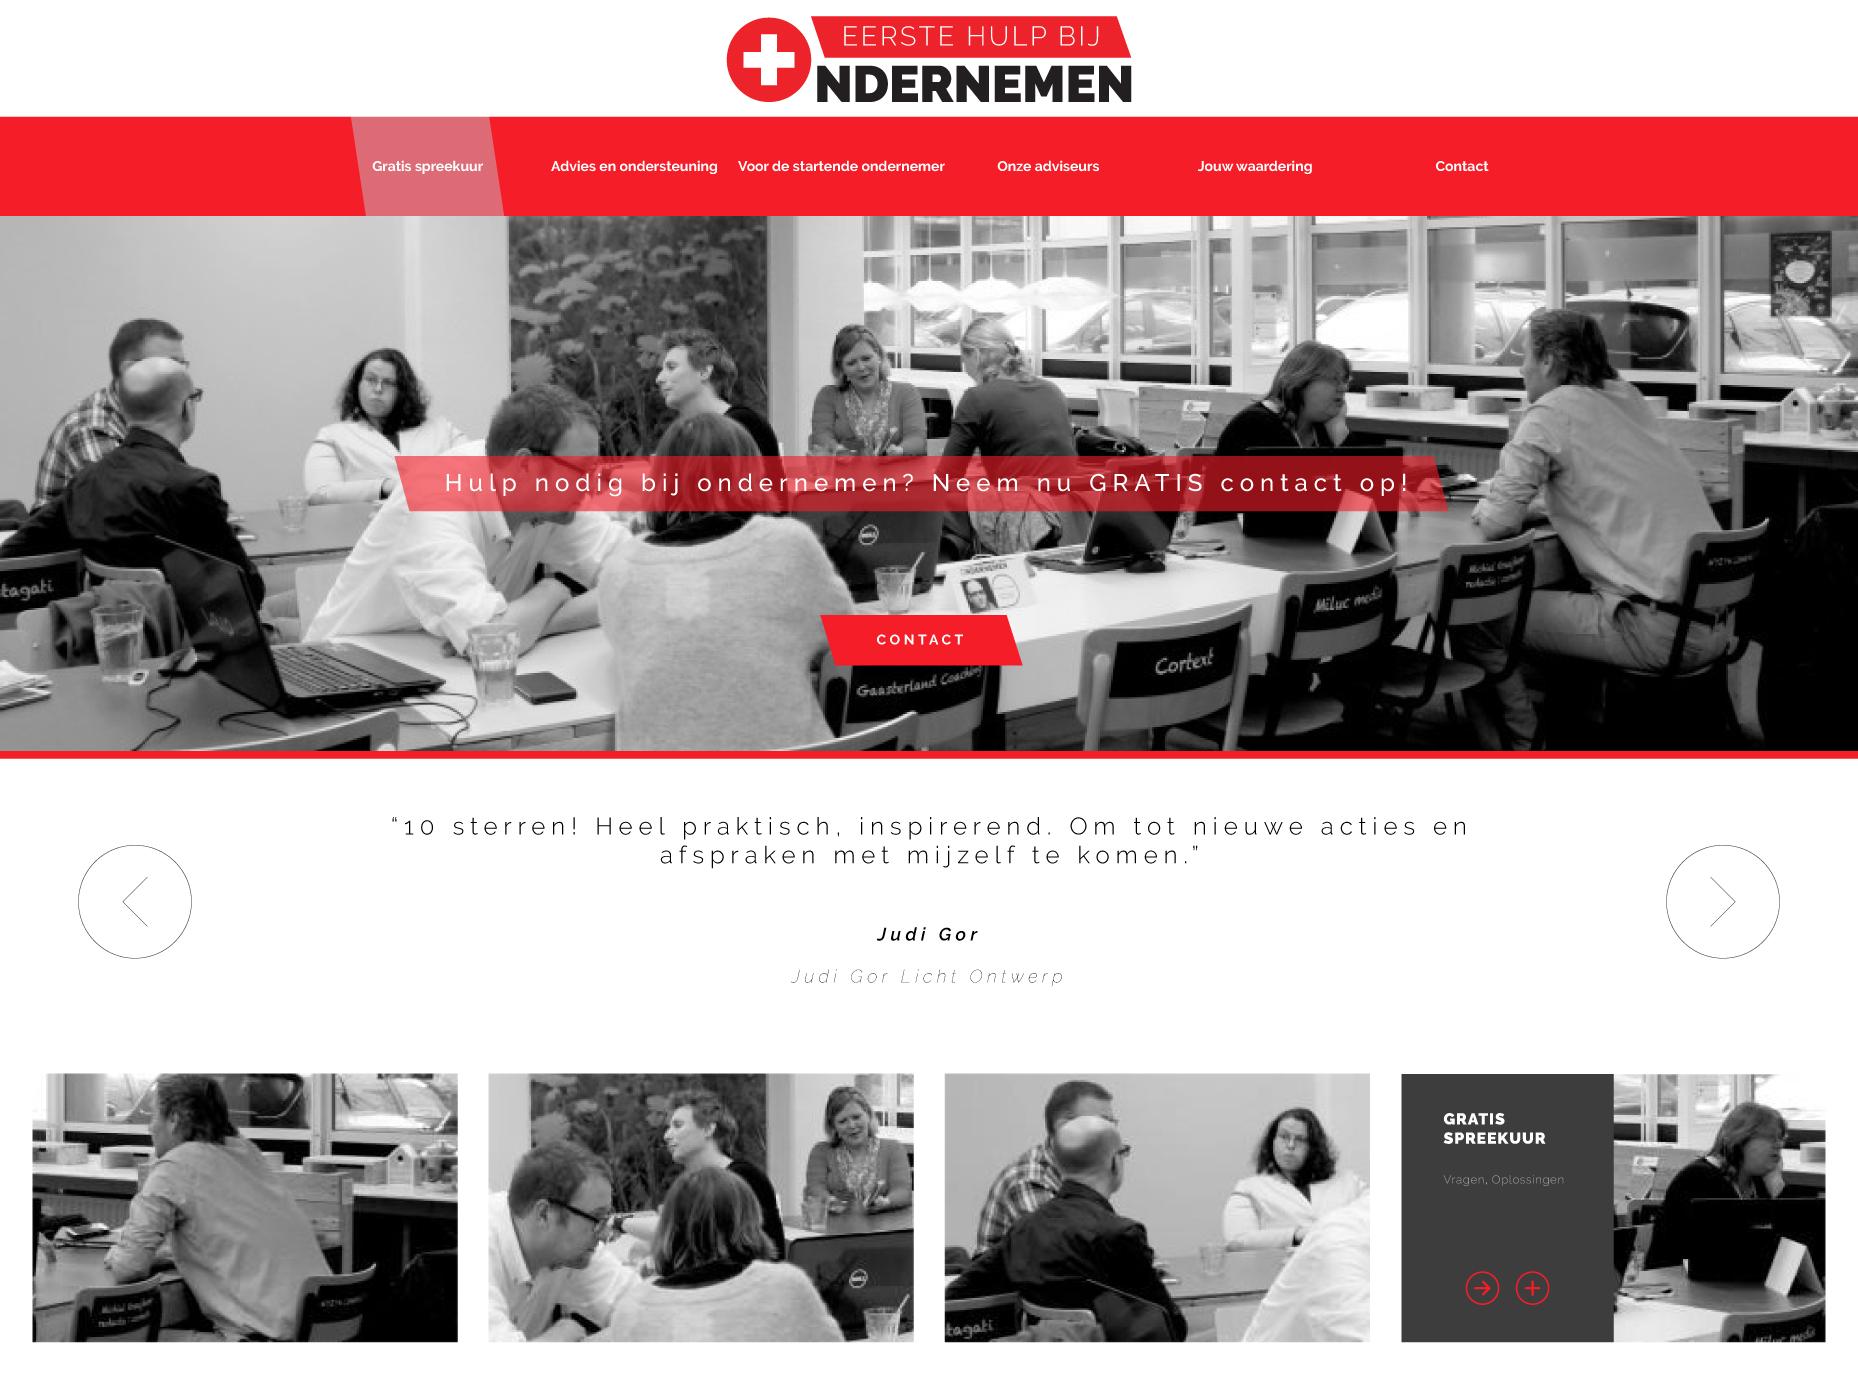 Eerste Hulp Bij Ondernemen - Webdesign